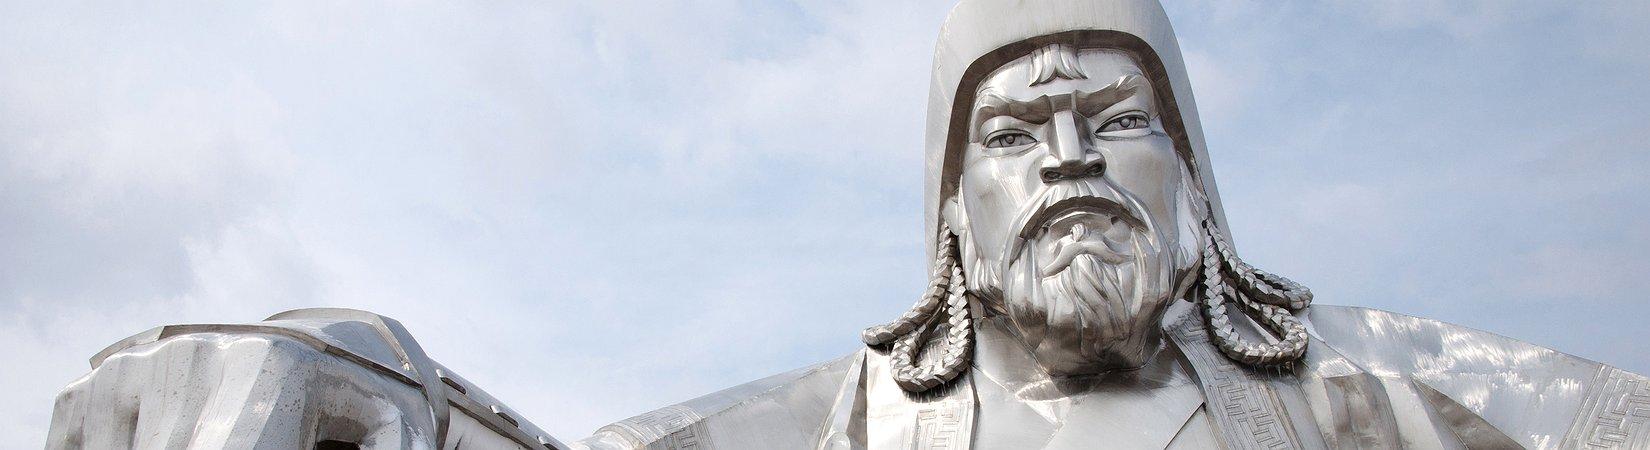 Lecciones de fuerza y liderazgo de Genghis Khan